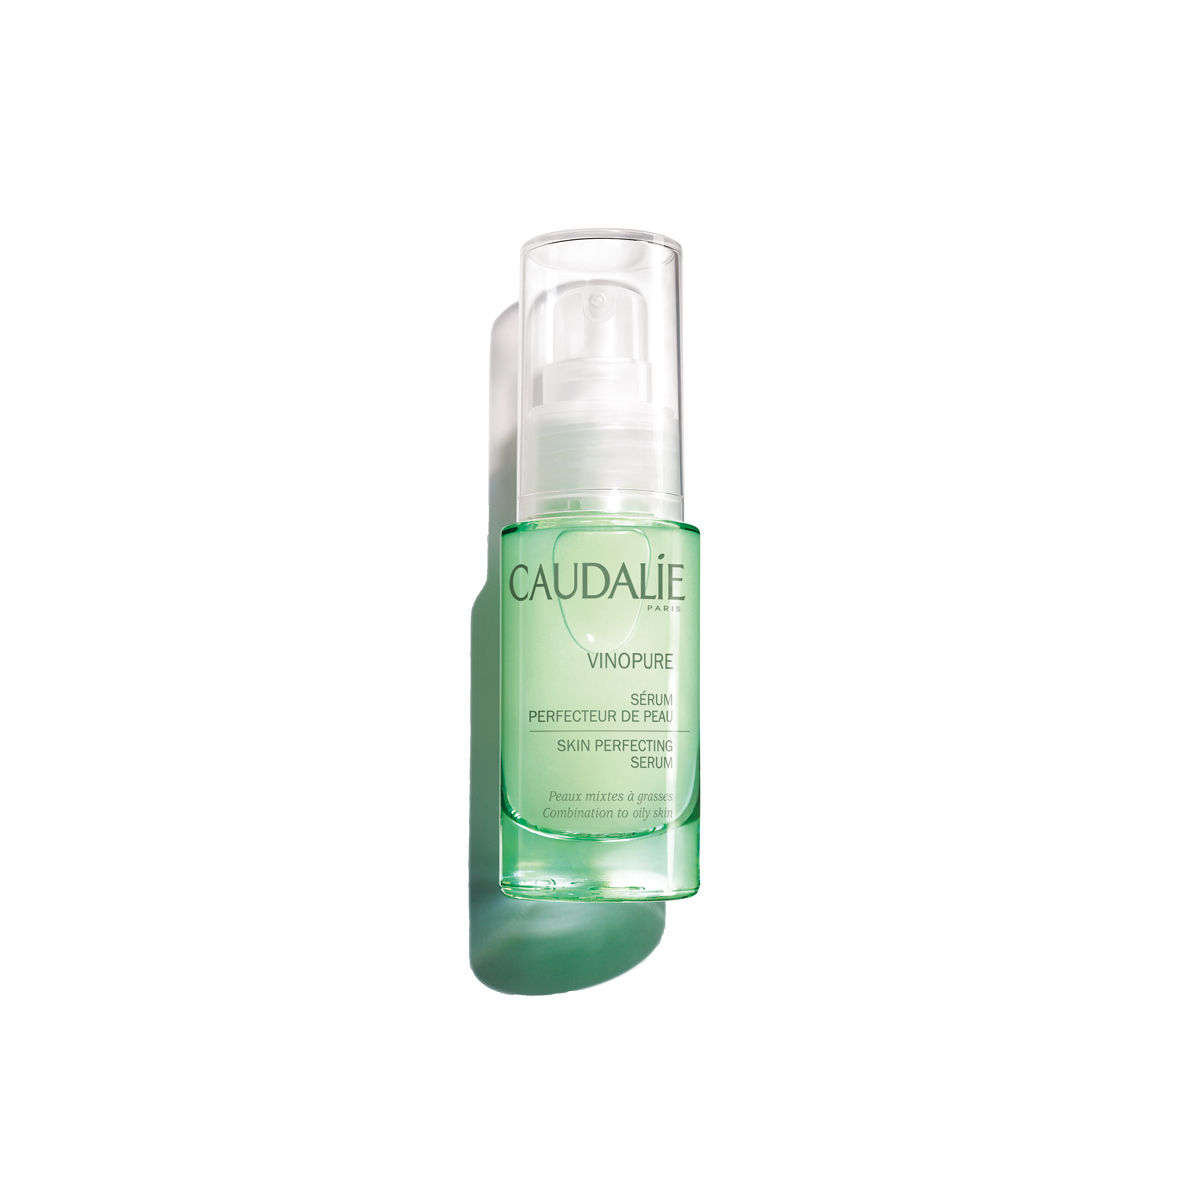 Vinopure Skin Perfecting Serum